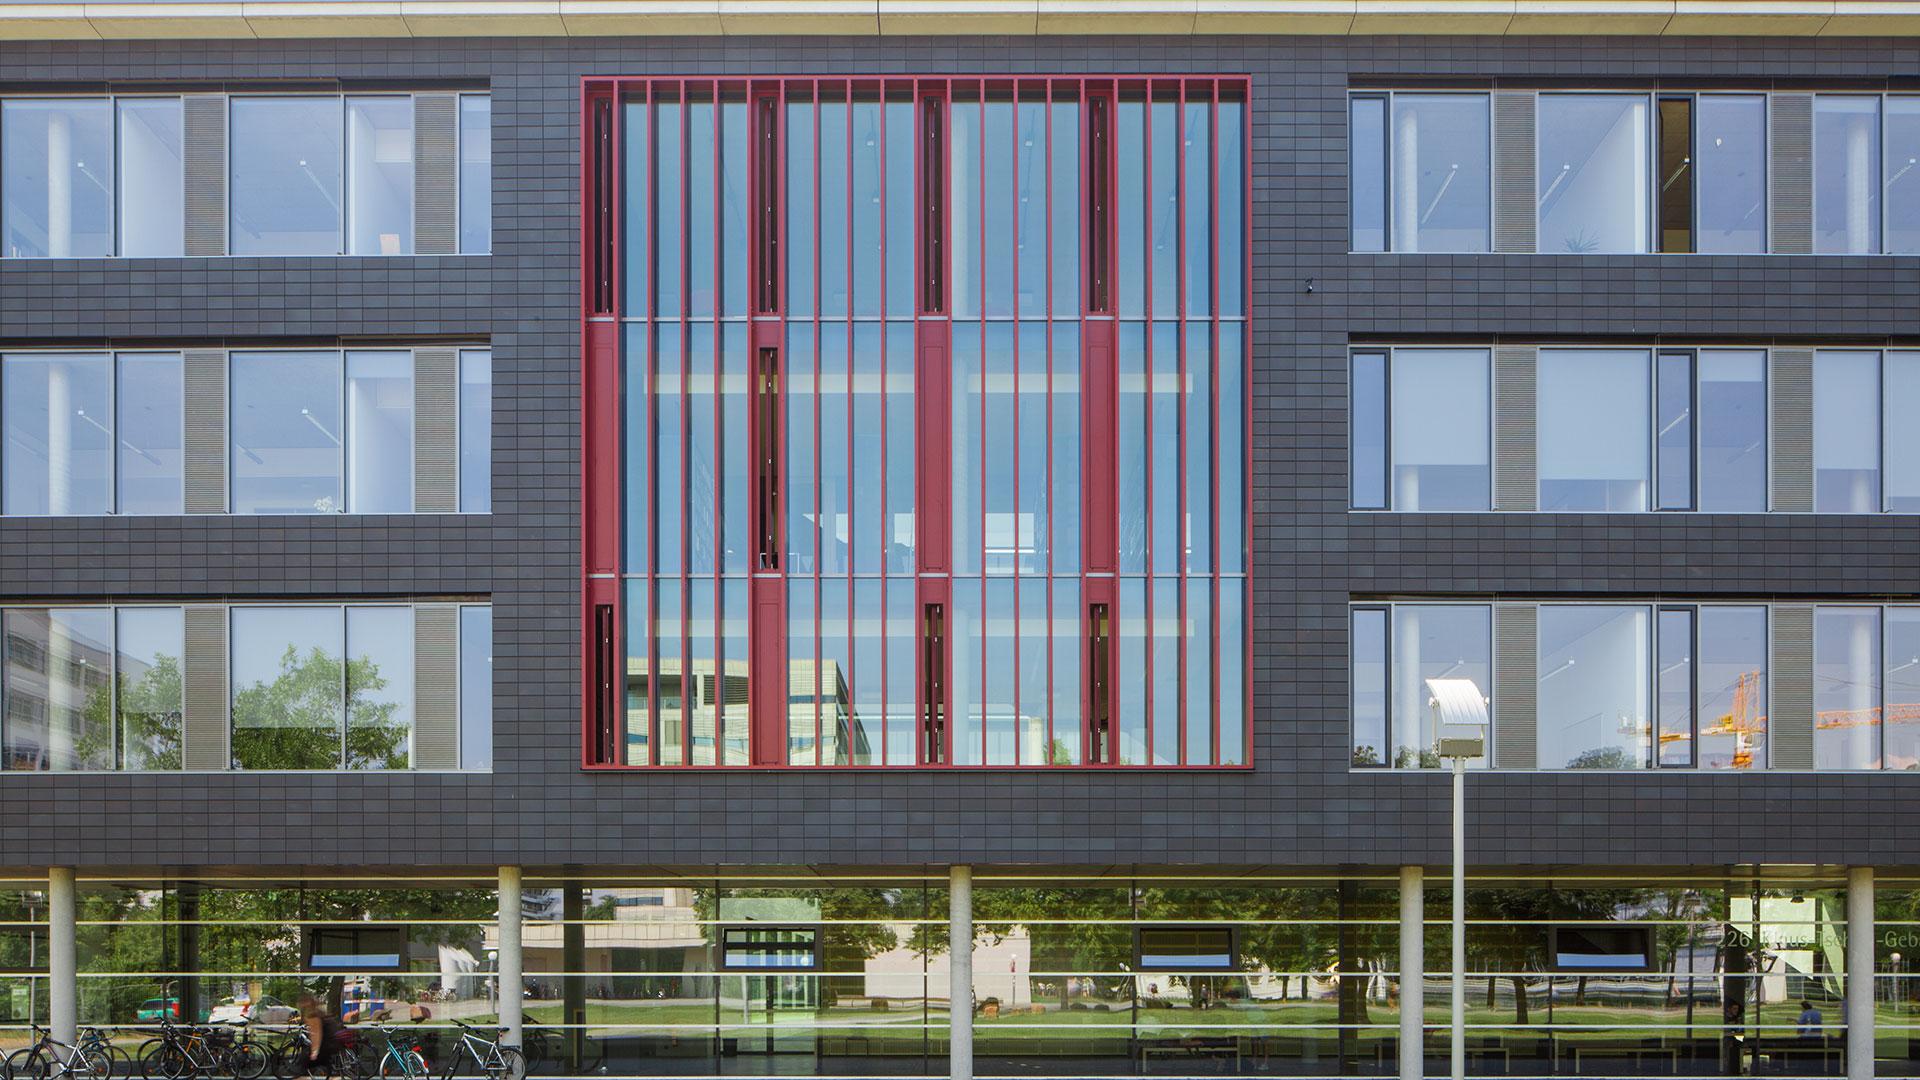 Physikalisches Institut Heidelberg 5 - ArGe Architekten